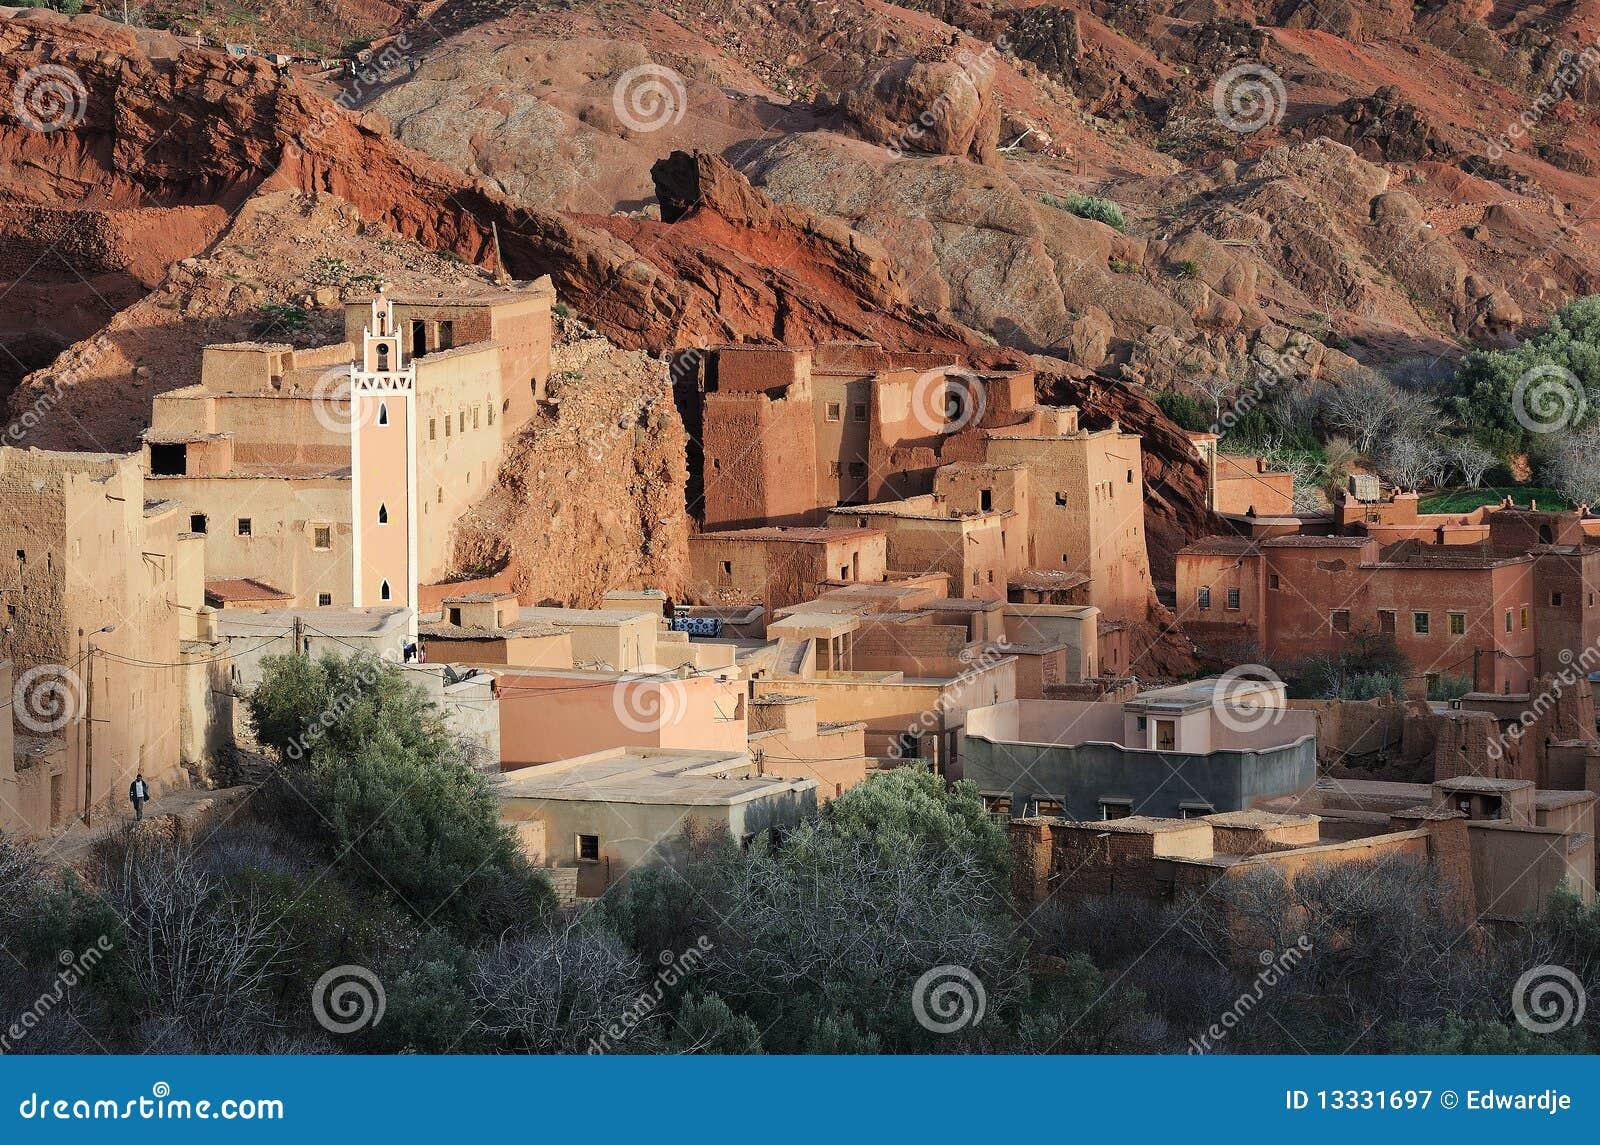 (1) marokańska wioska